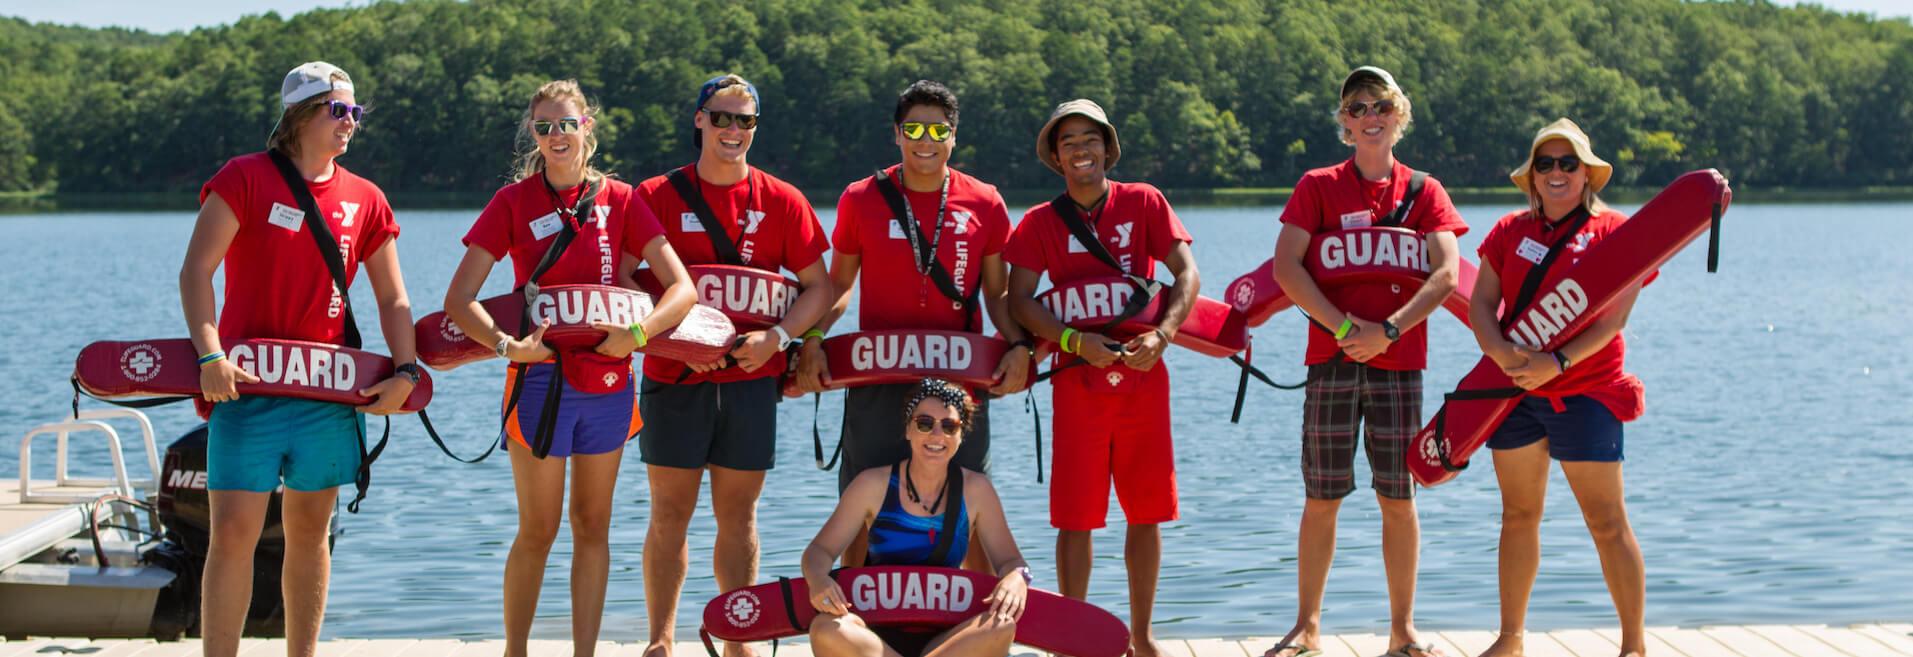 Group des sauvateurs aux USA